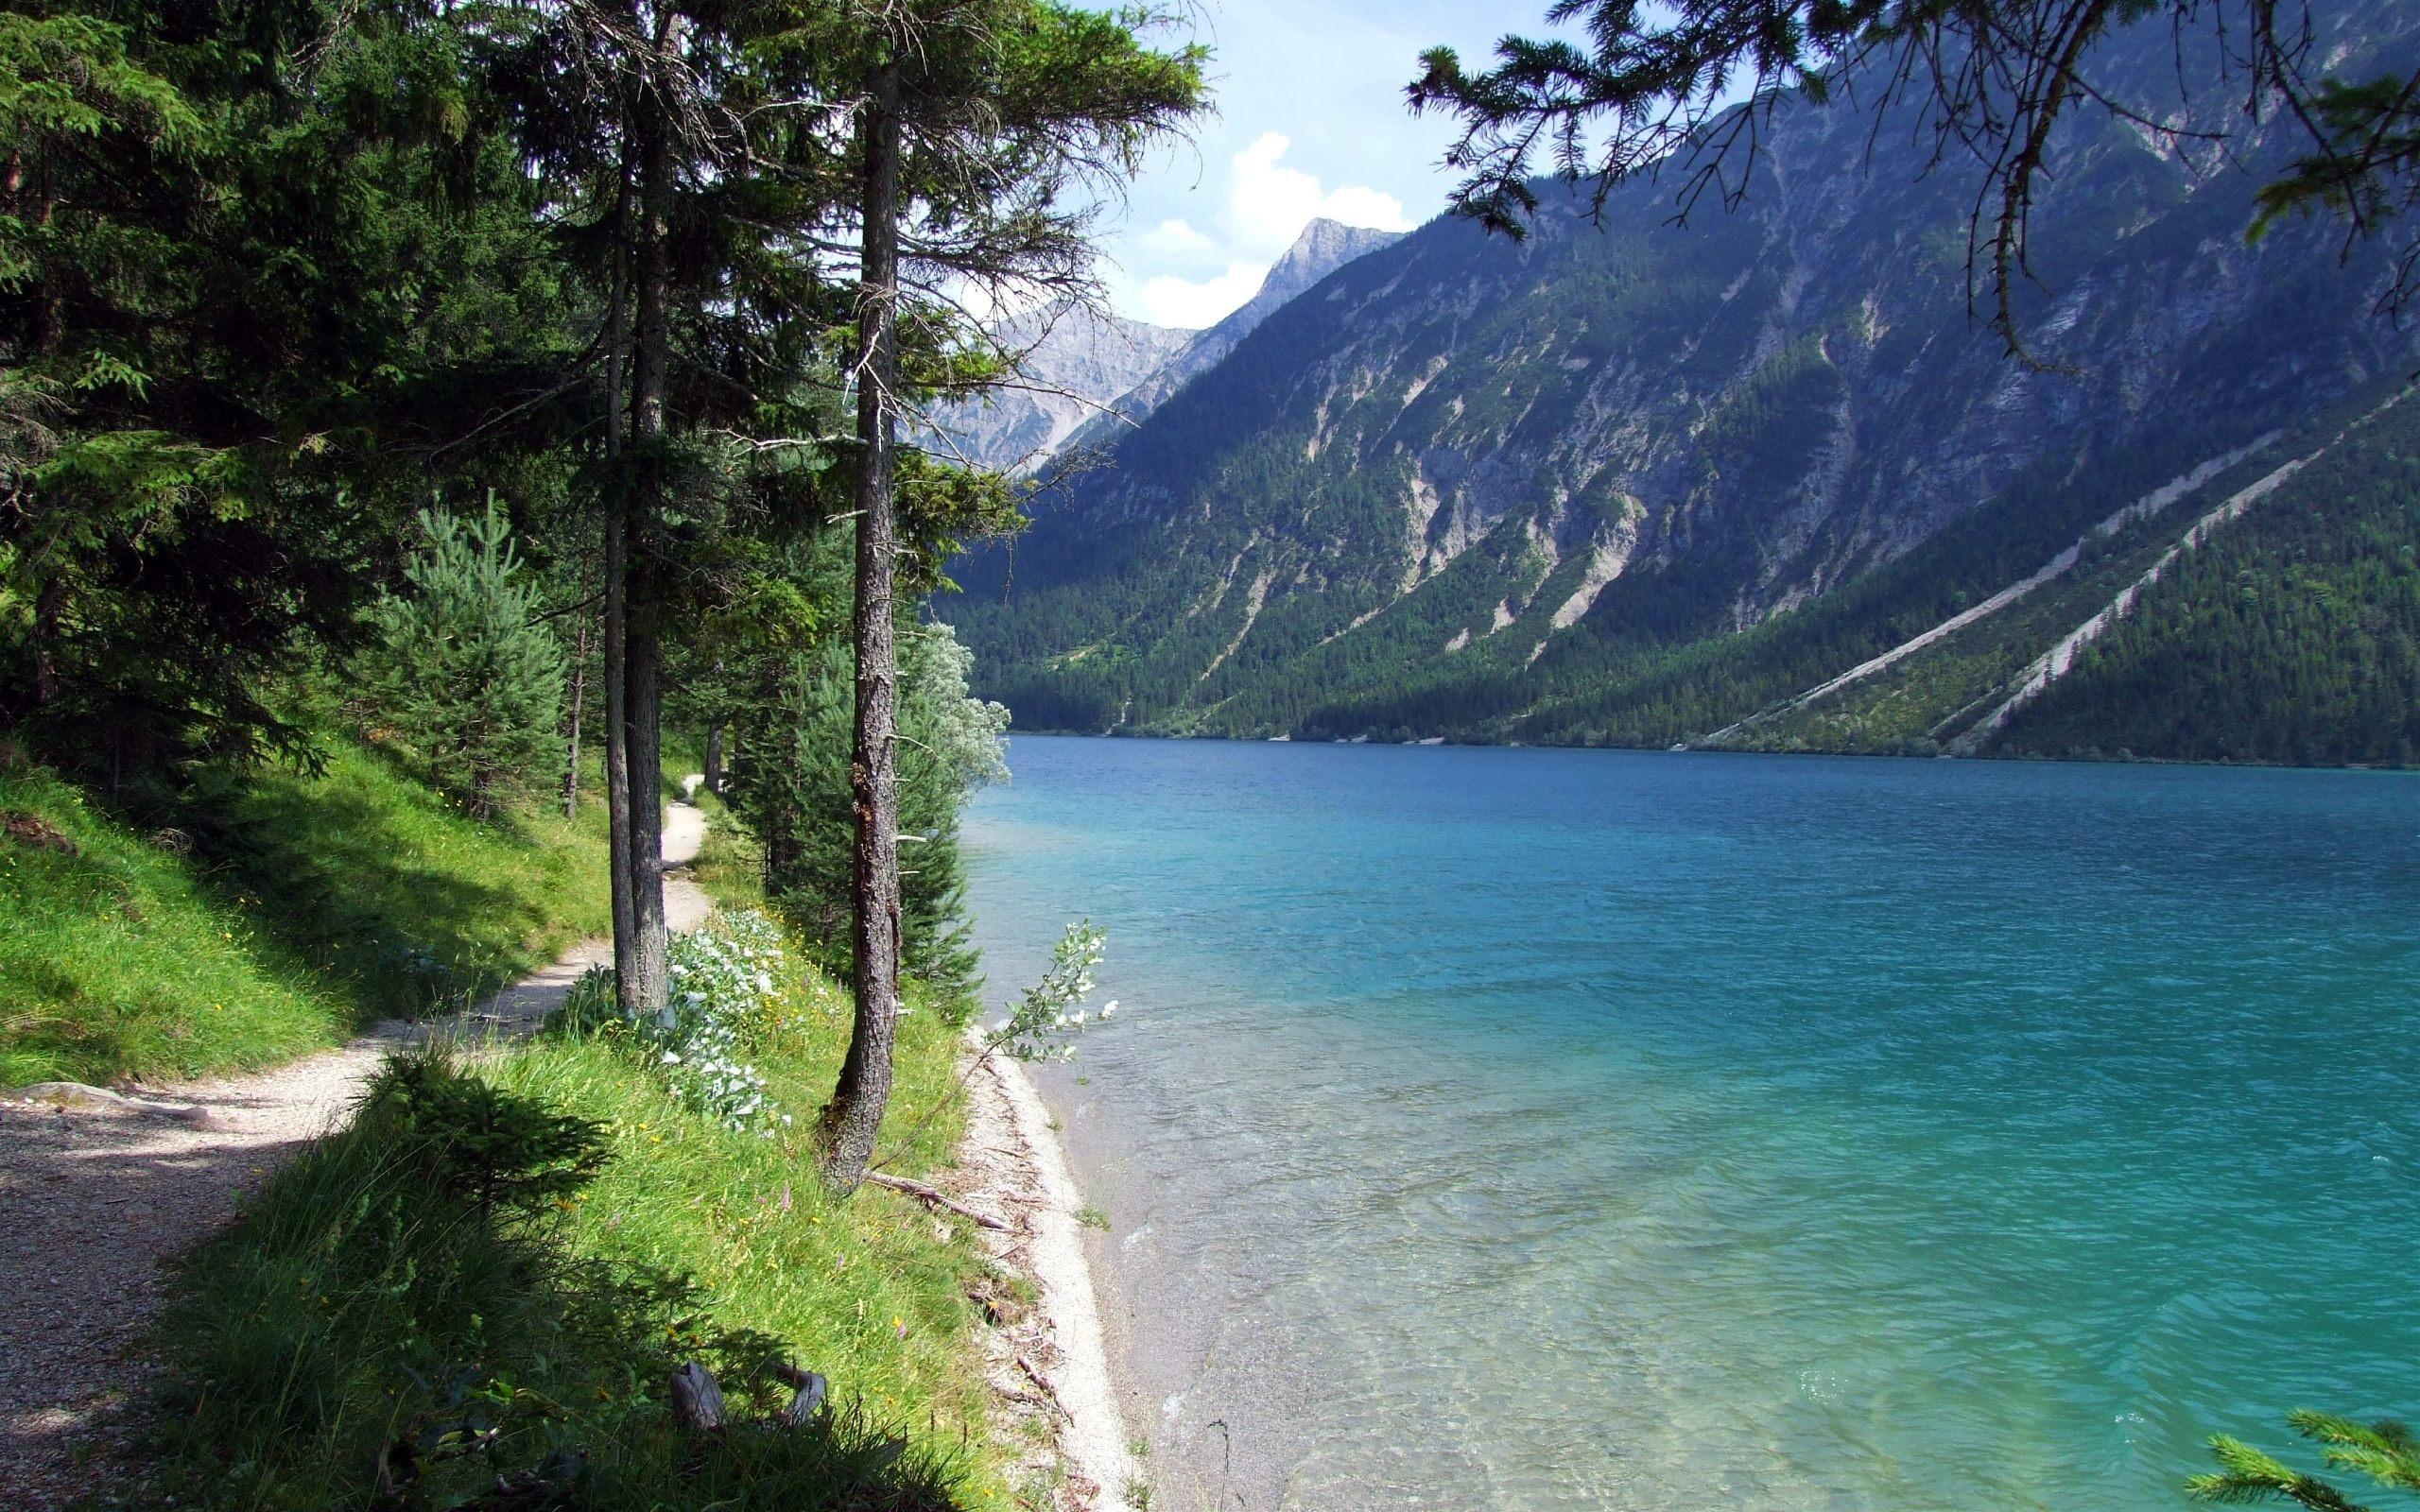 природа, вода, озеро, деревья, тропа, гора